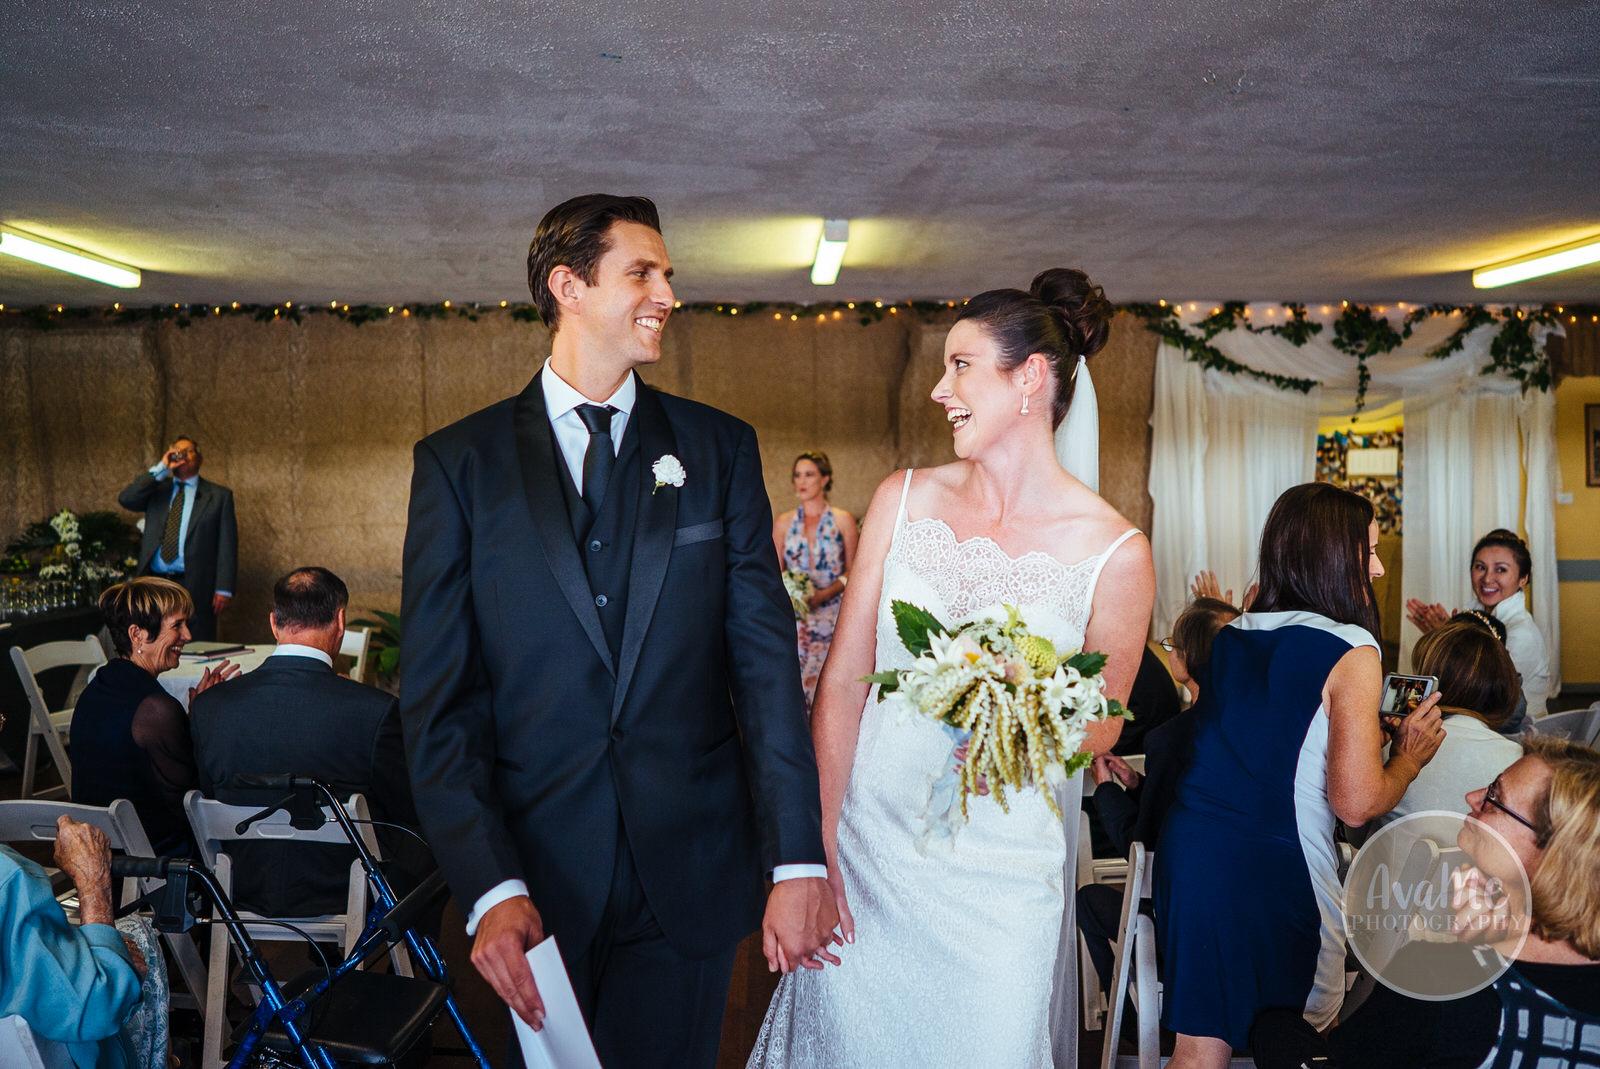 addy_matt_wedding_greenwich_sailing_club-121